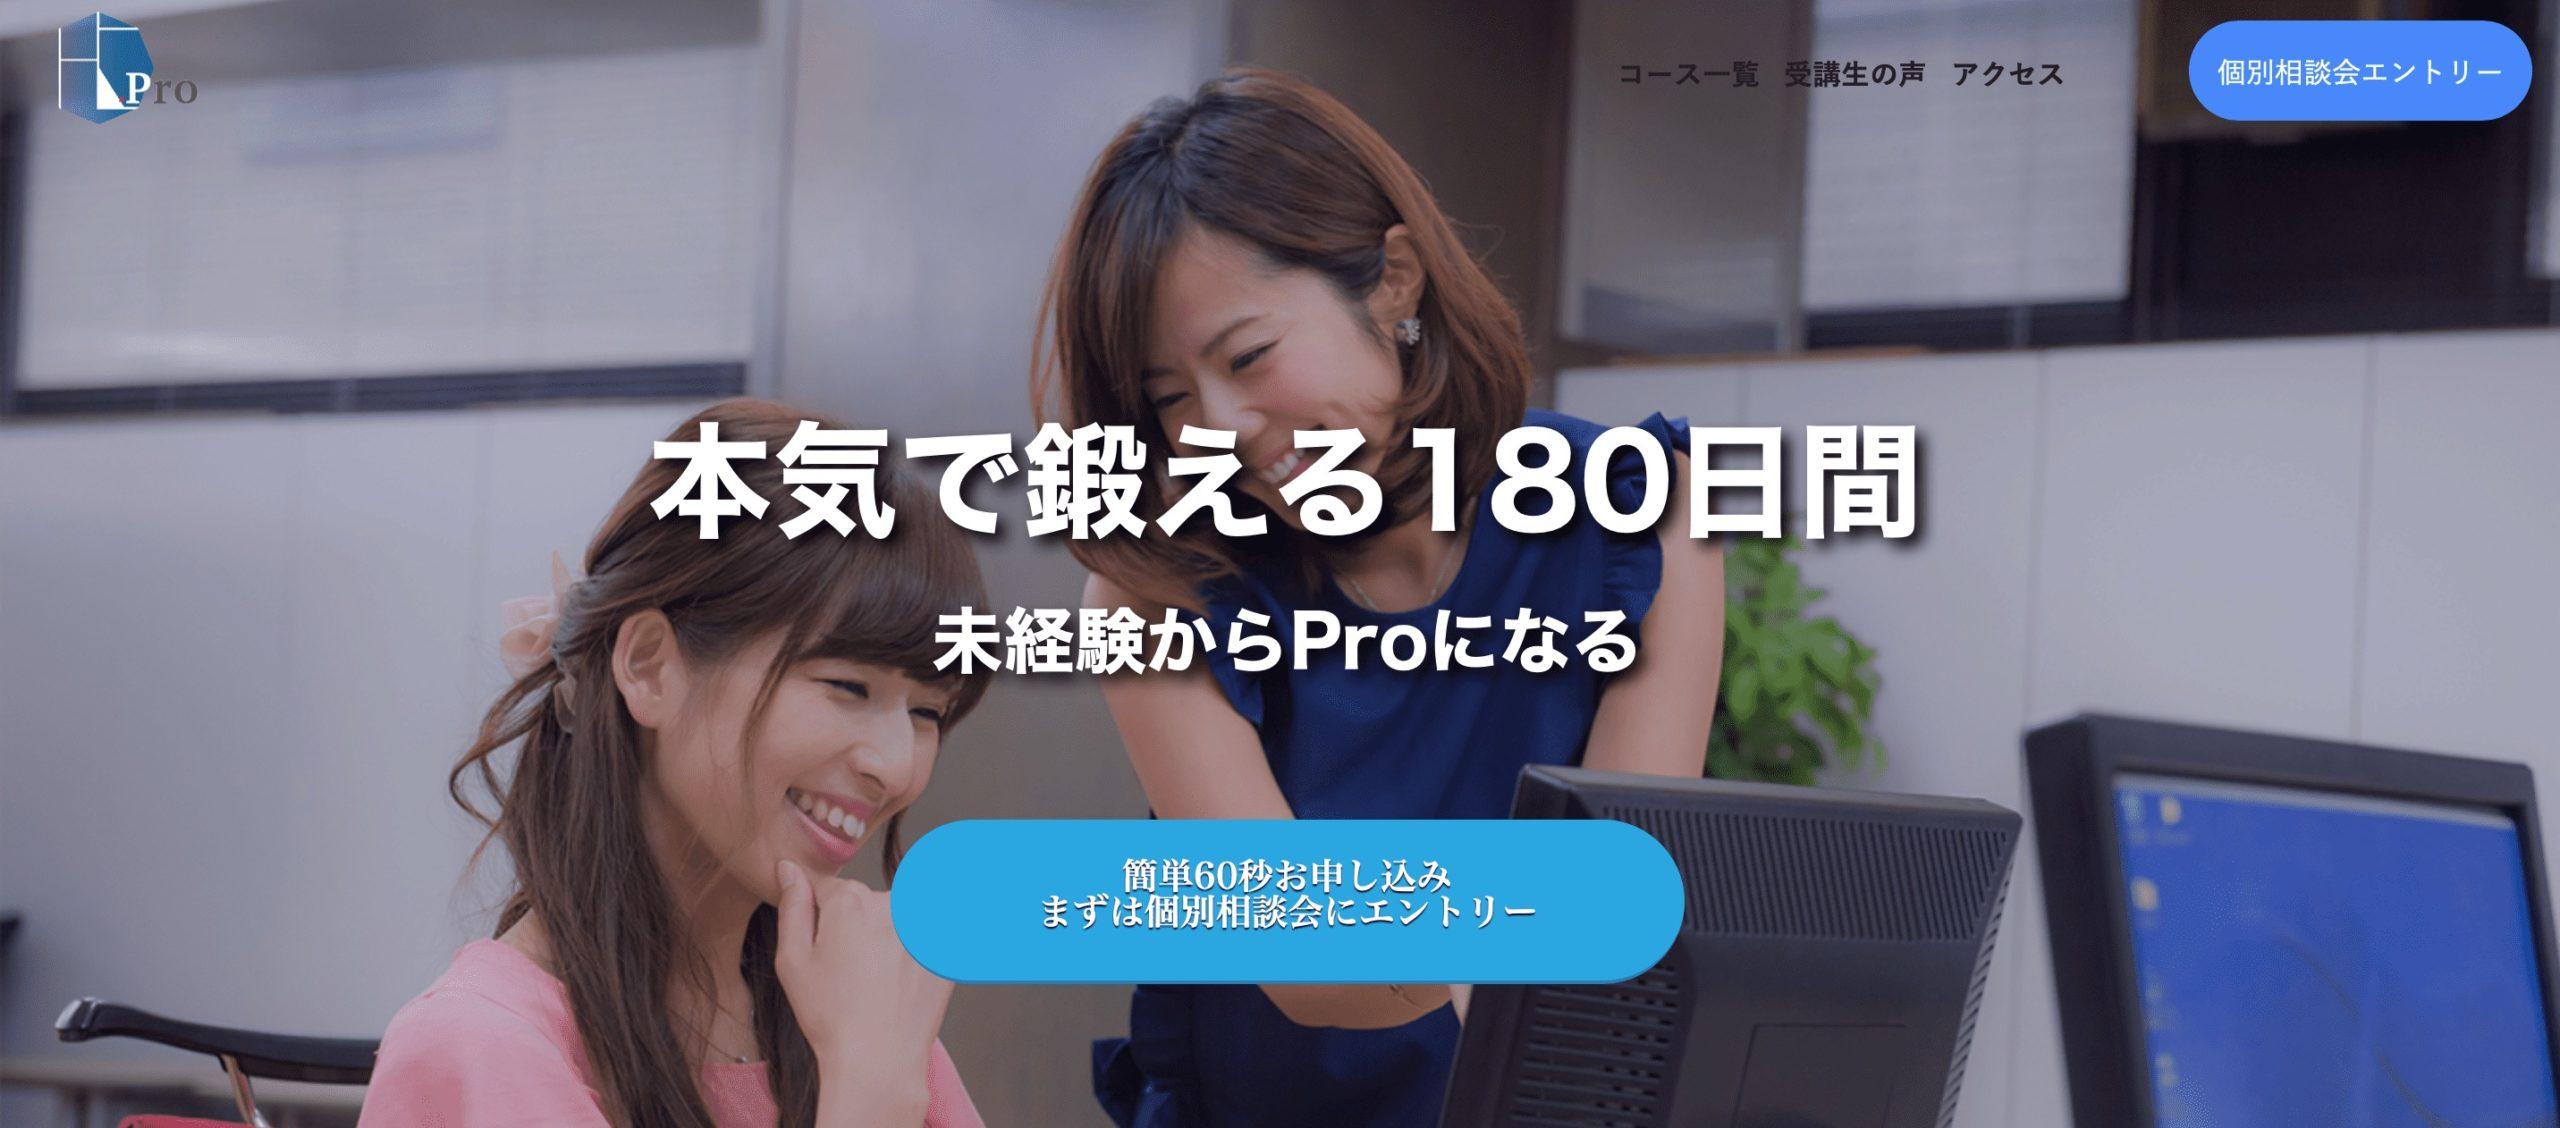 おすすめのAIプログラミングスクール「.Pro」